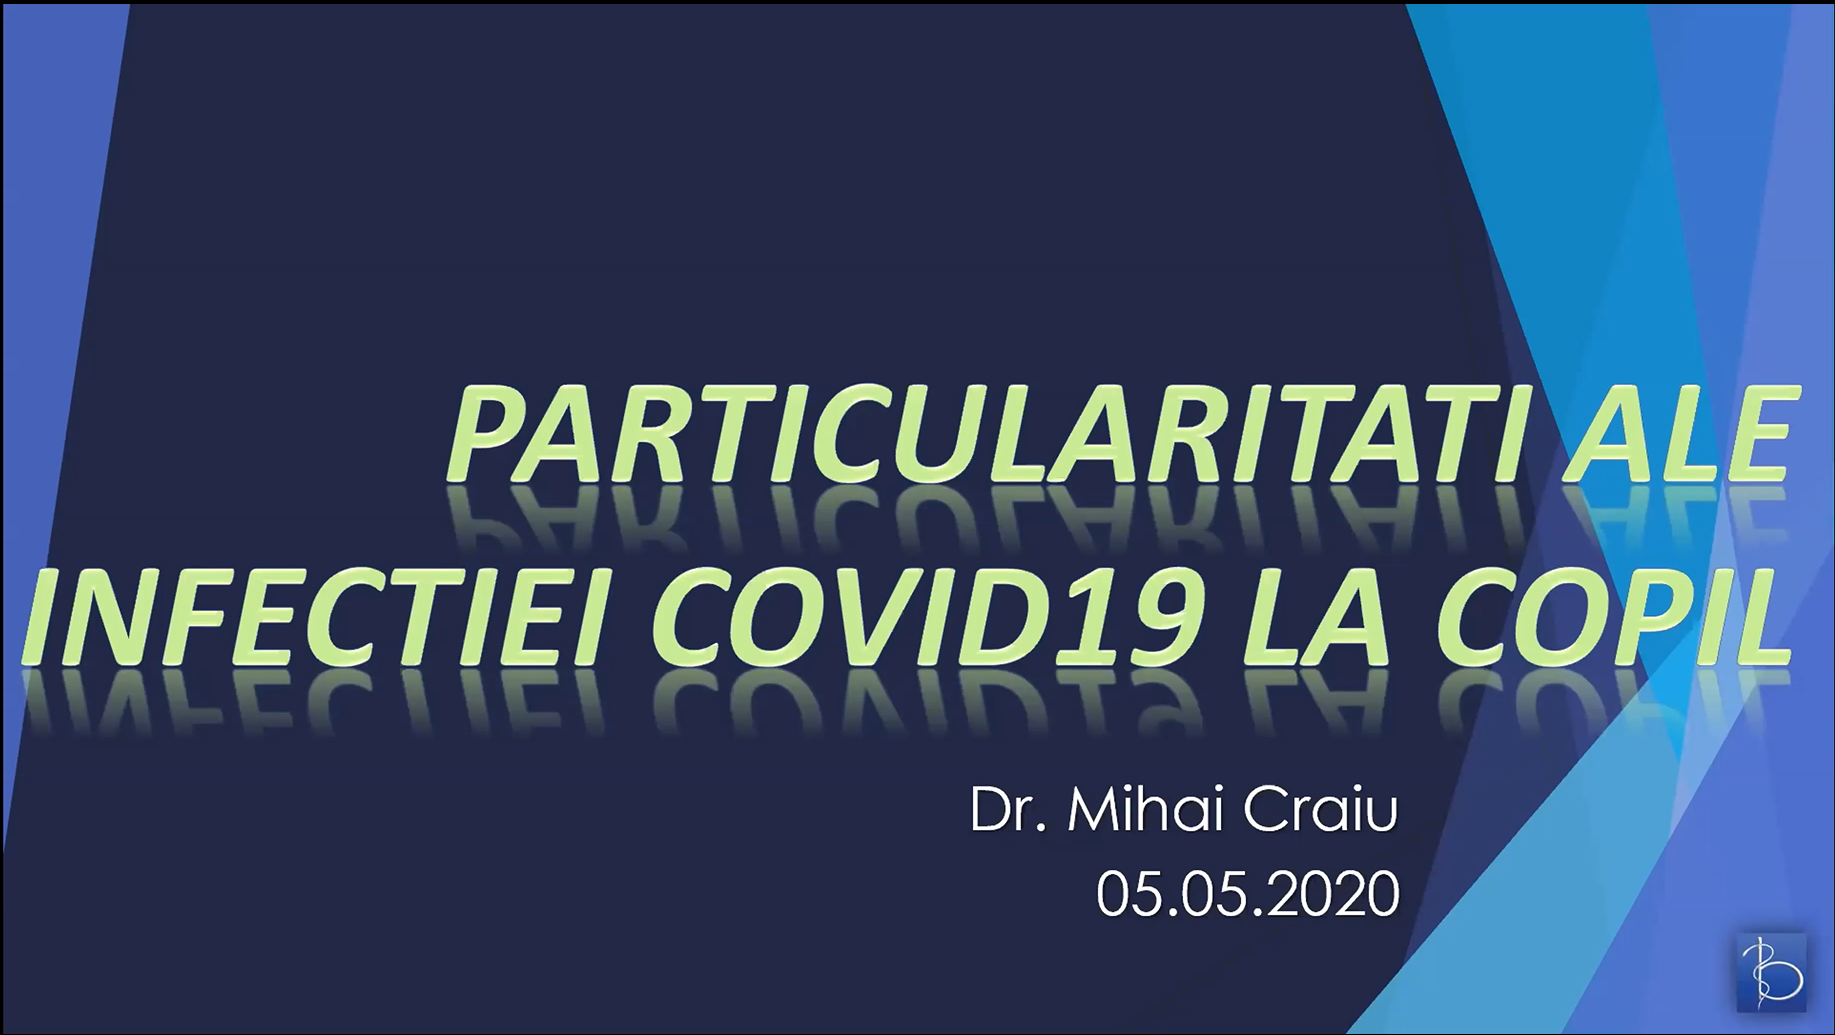 Particularitati ale infectiei COVID 19 la COPIL